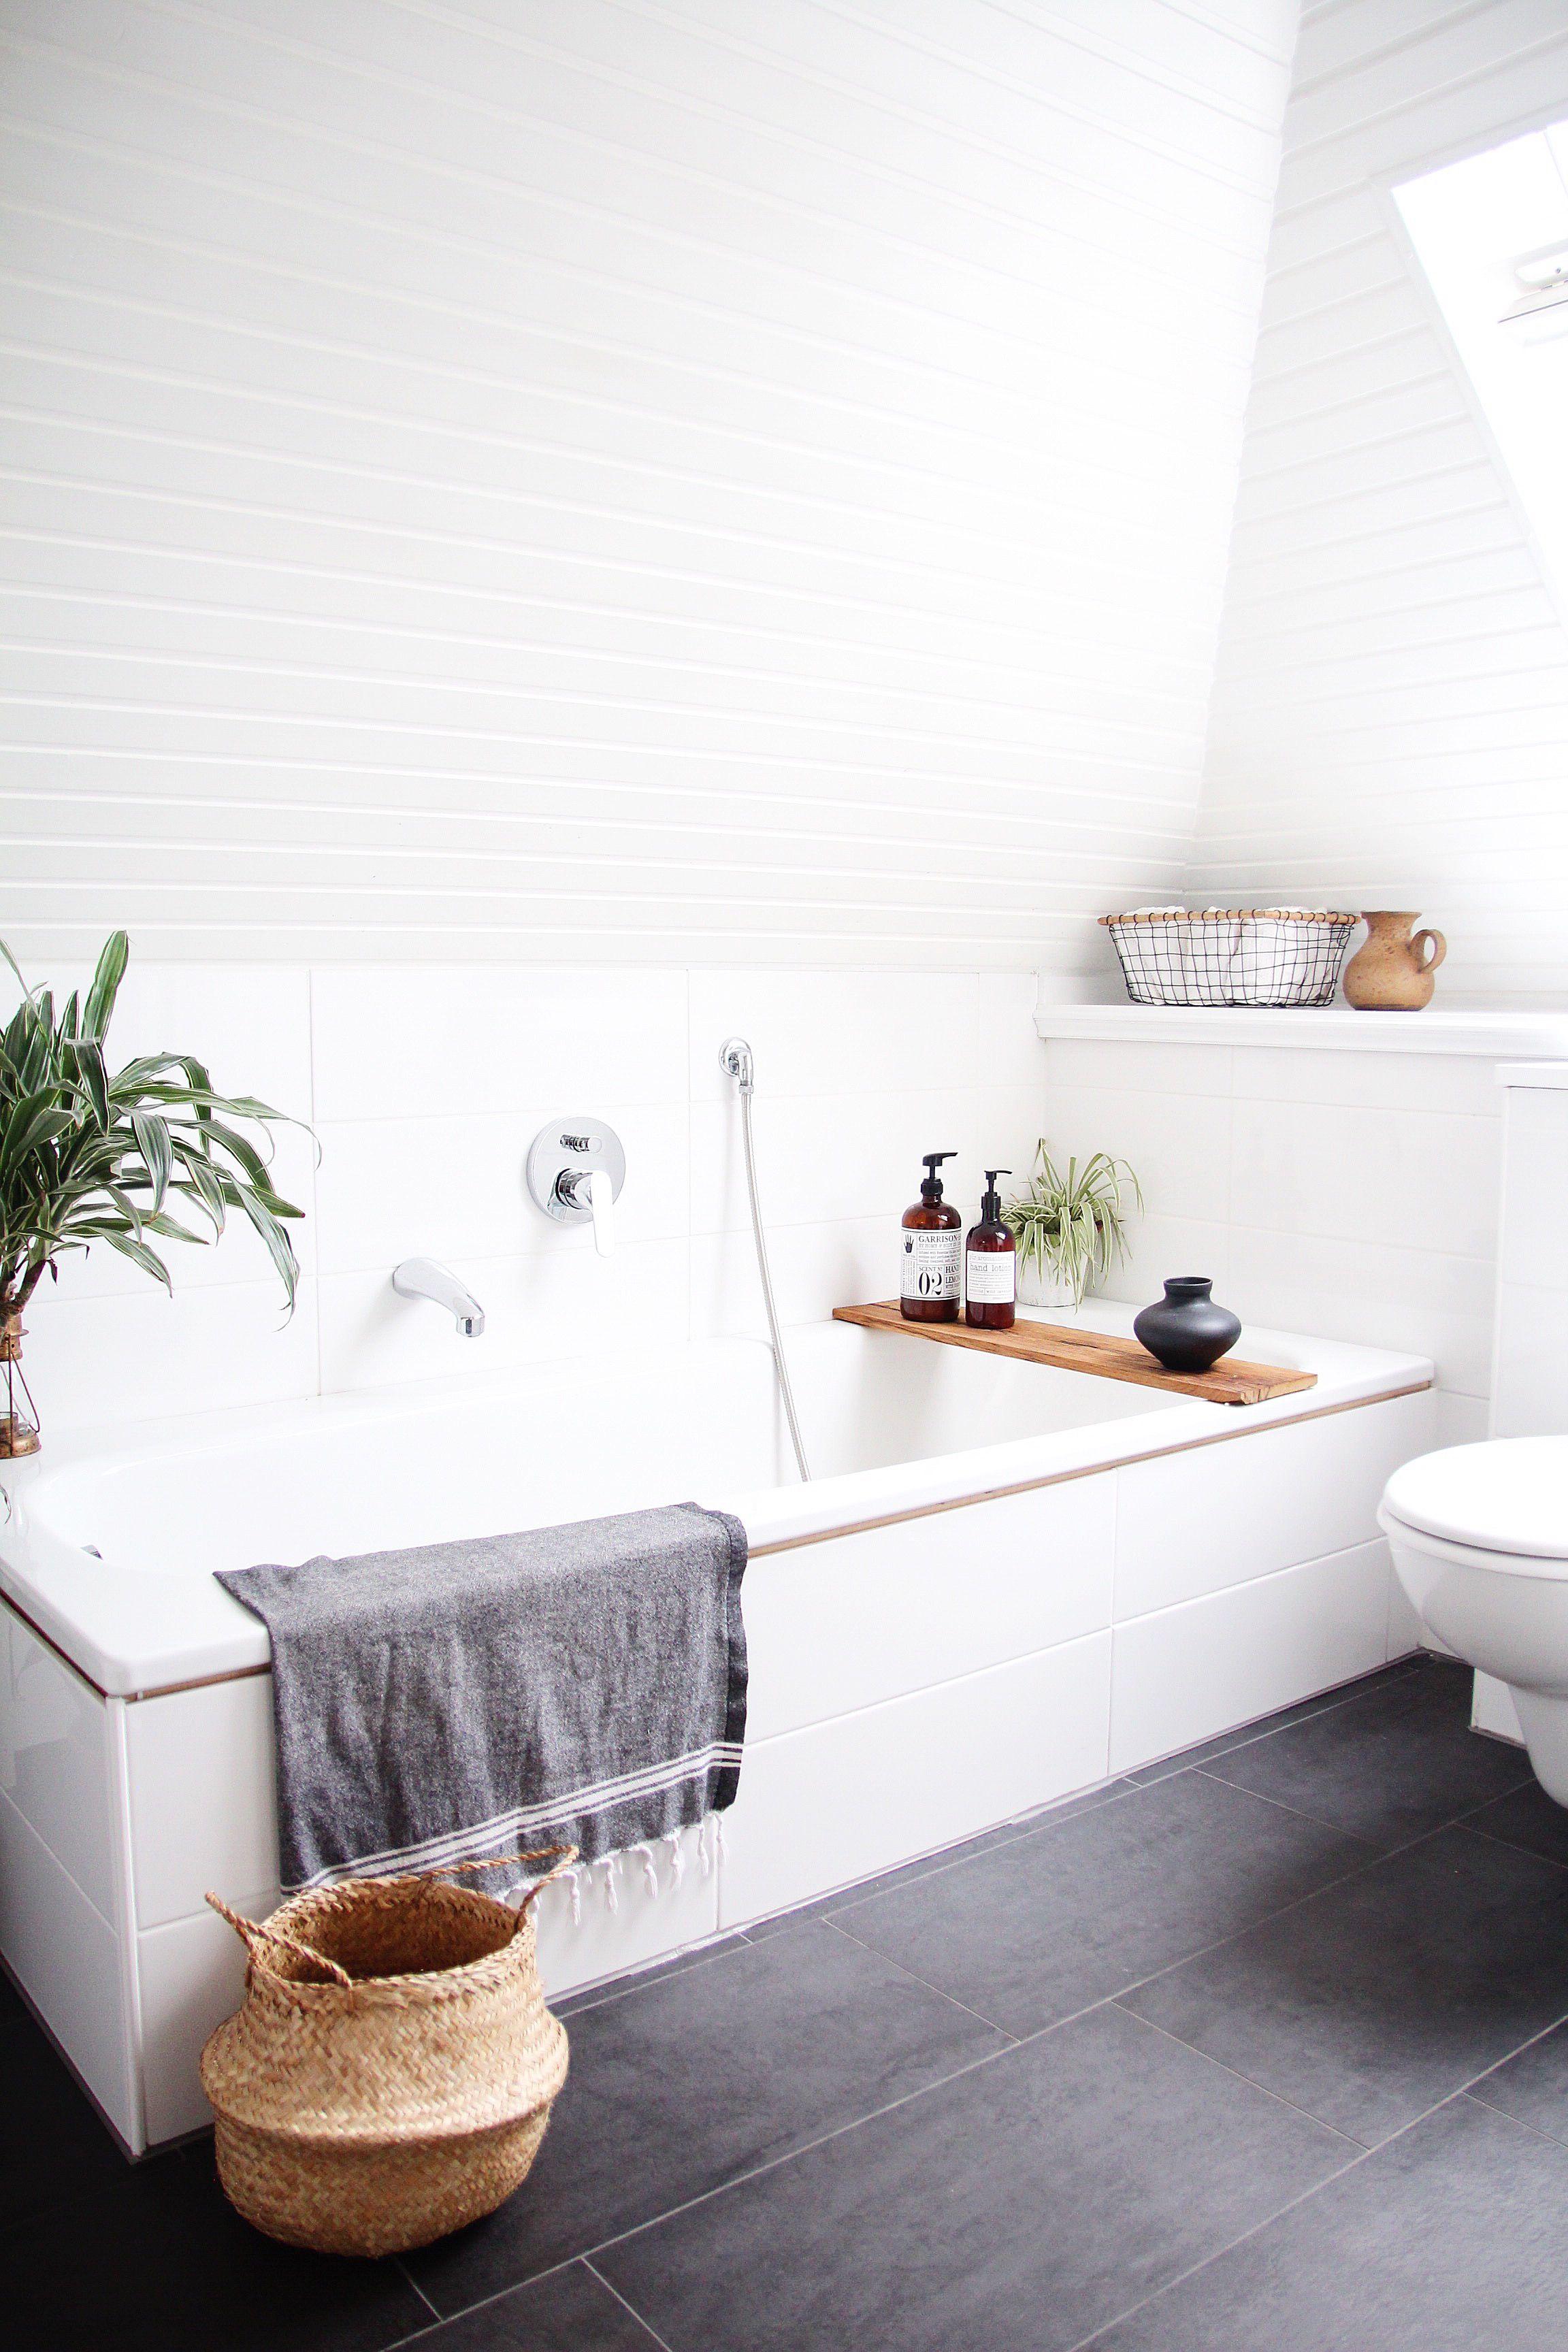 Badezimmer selbst renovieren  Light balls  Bathroom interior Guest toilet und Bath